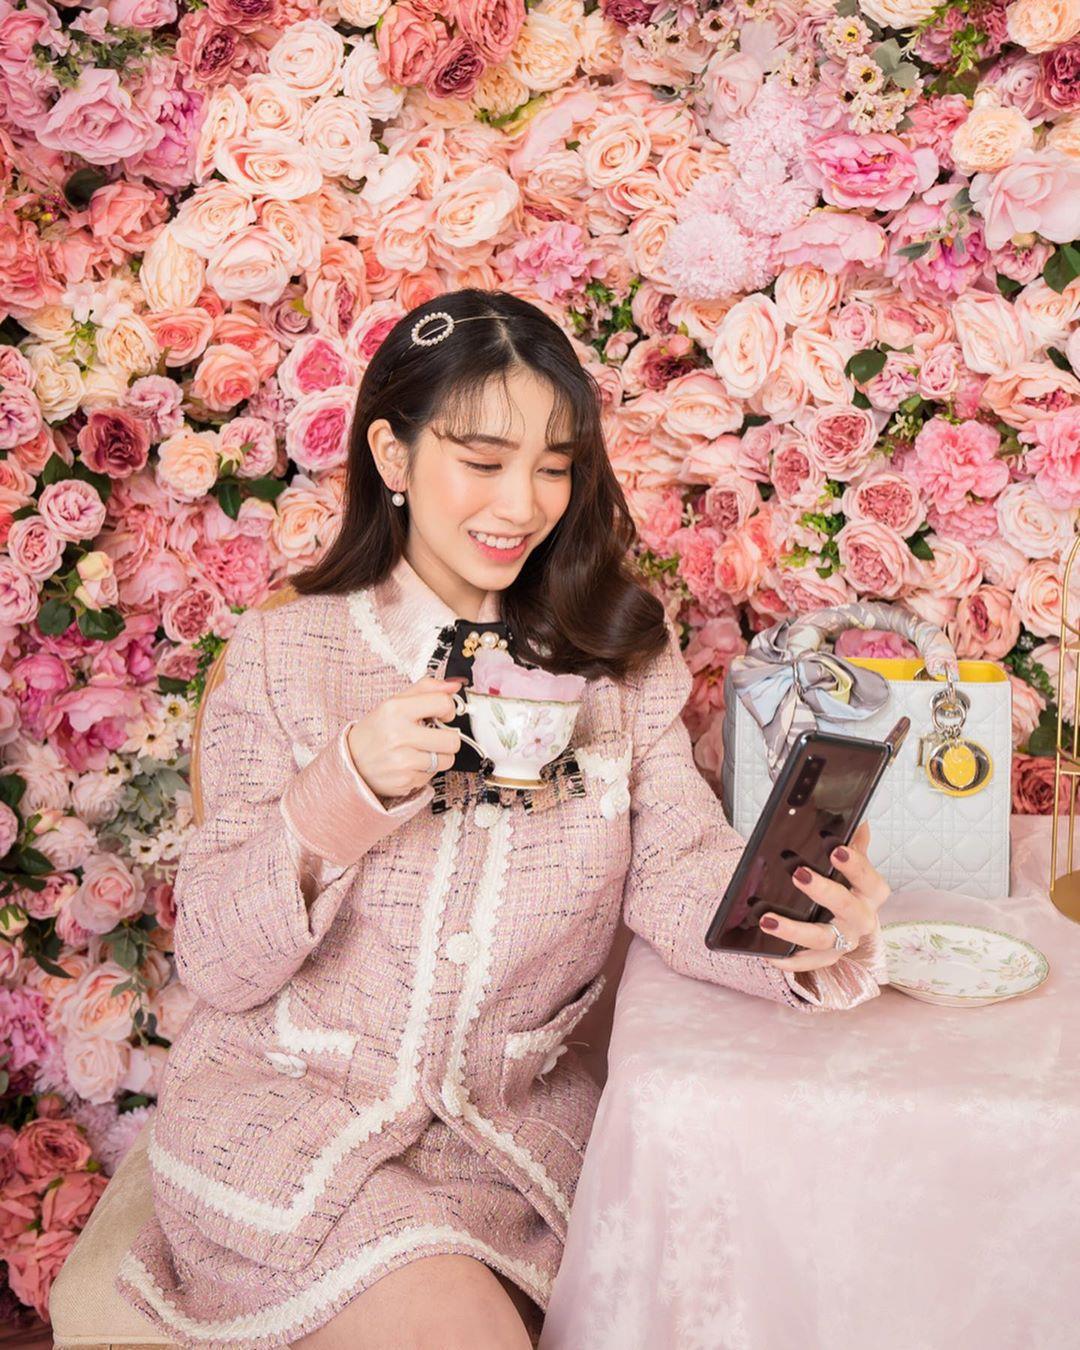 Á hậu Dương Tú Anh, ái nữ đại gia Minh Nhựa dạo phố thời thượng với trang phục và phụ kiện hàng hiệu - Ảnh 3.